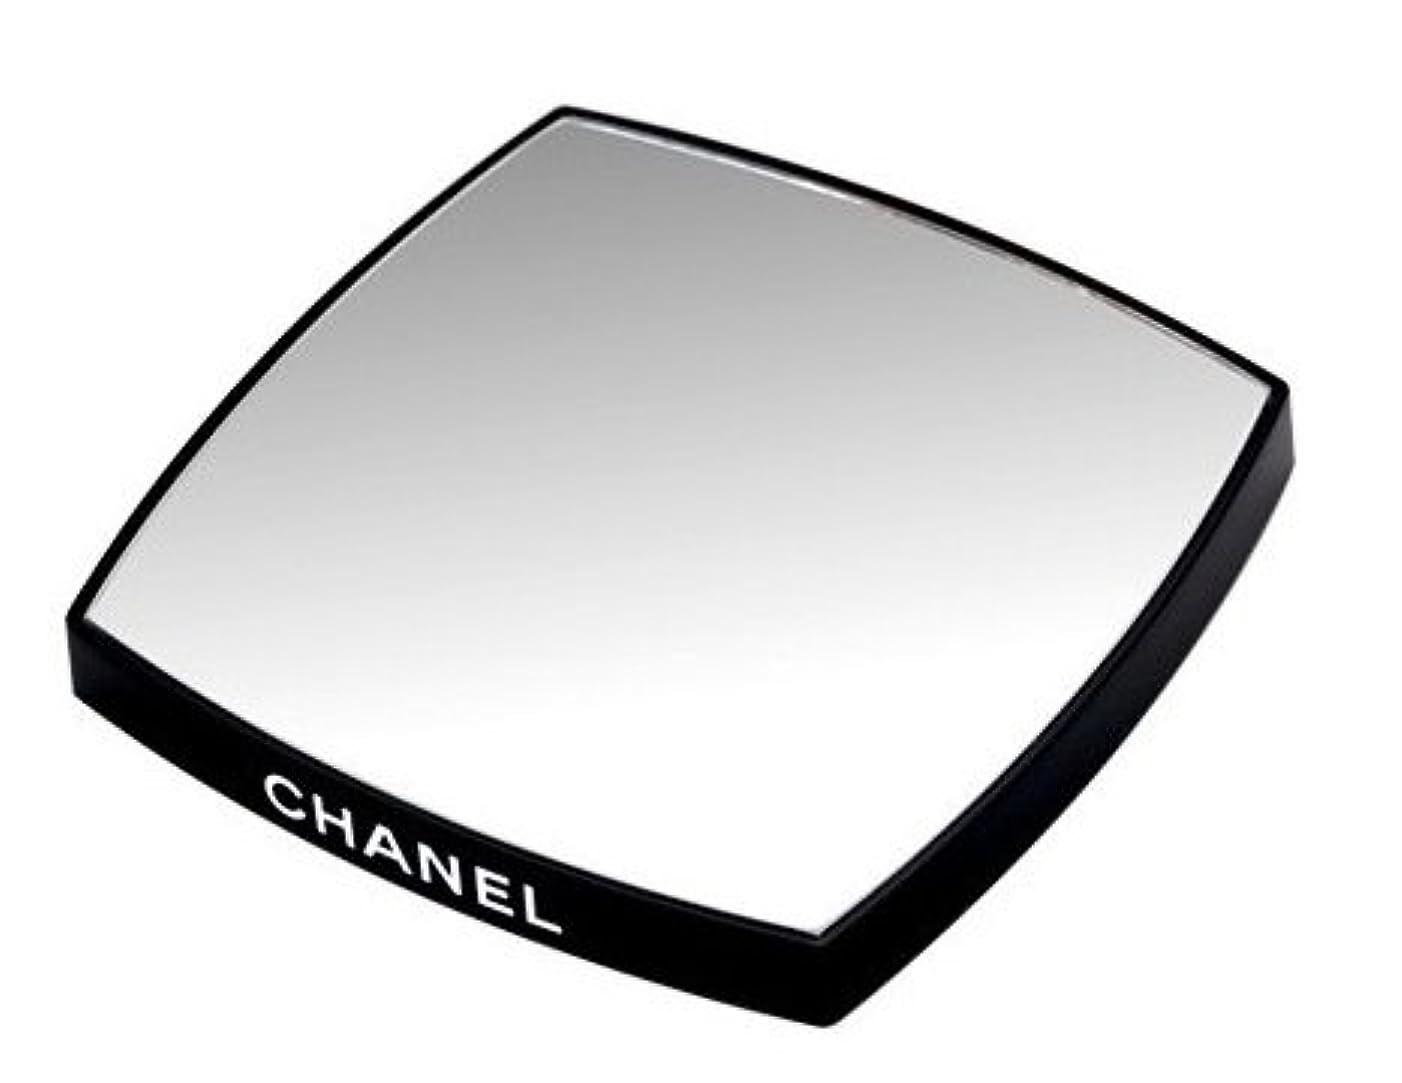 シャネル CHANEL 鏡 両面ミラー ダブルミラー ブラック ダブル(ノベルティ)